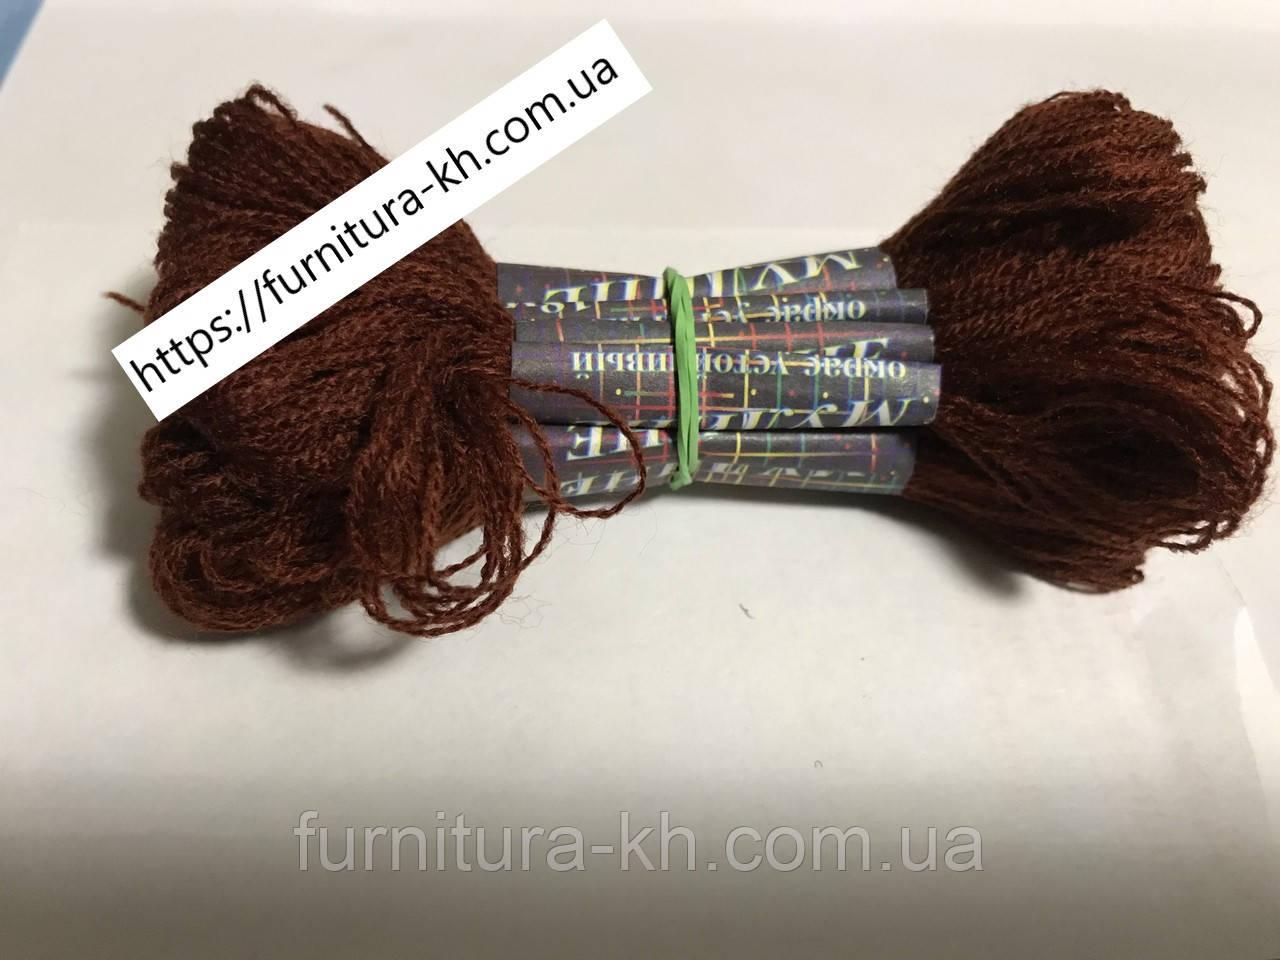 Нитки Муліне Акрил (10 шт-по 18 м) колір Коричневий Відтінок